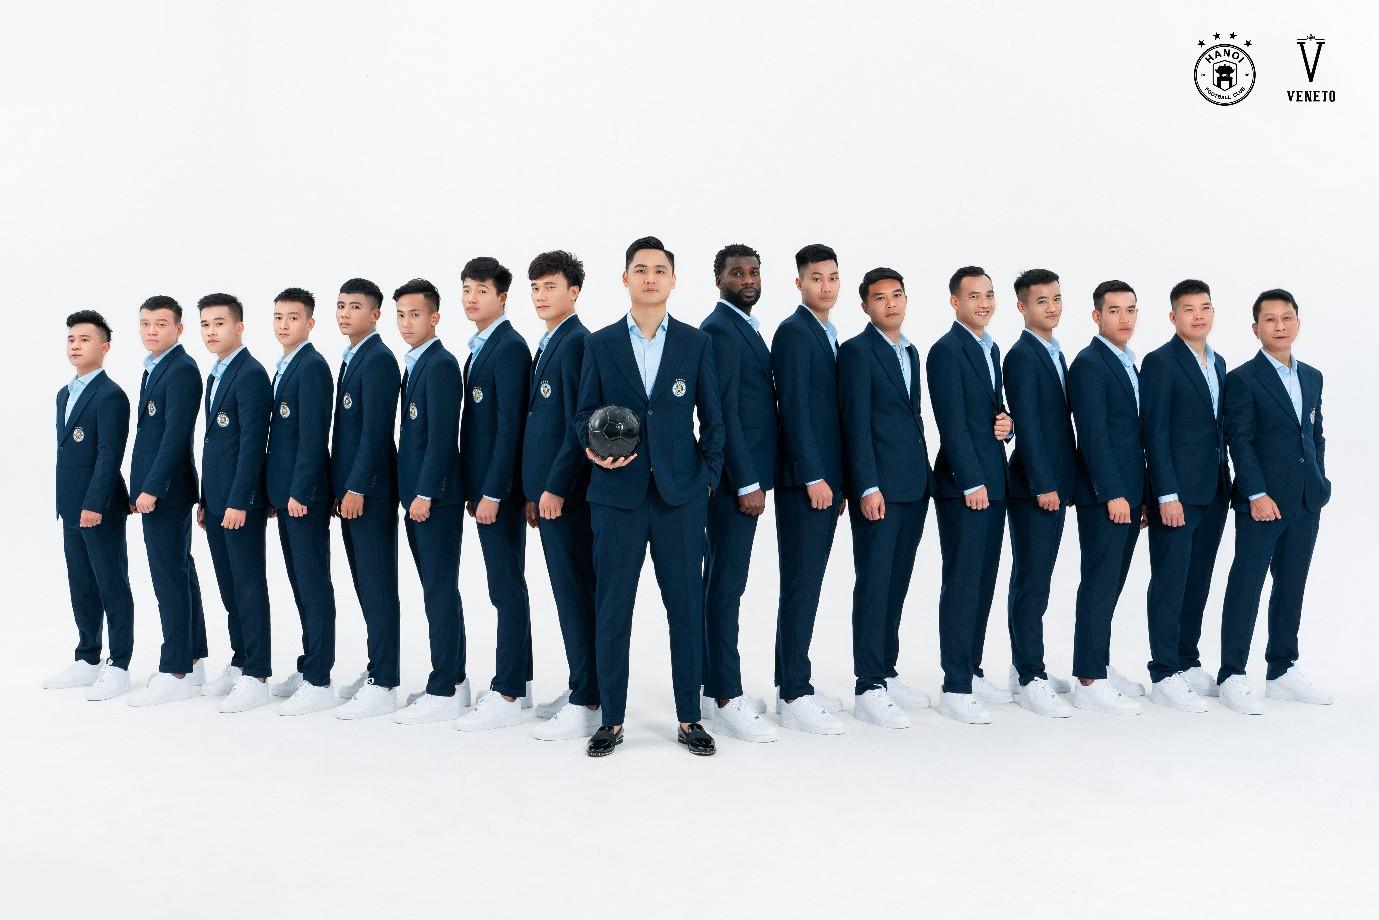 """Đâu chỉ tài năng trên sân cỏ, Quang Hải và đồng đội còn bảnh như """"nam thần"""" trong bộ veston Veneto lịch lãm - Ảnh 2."""